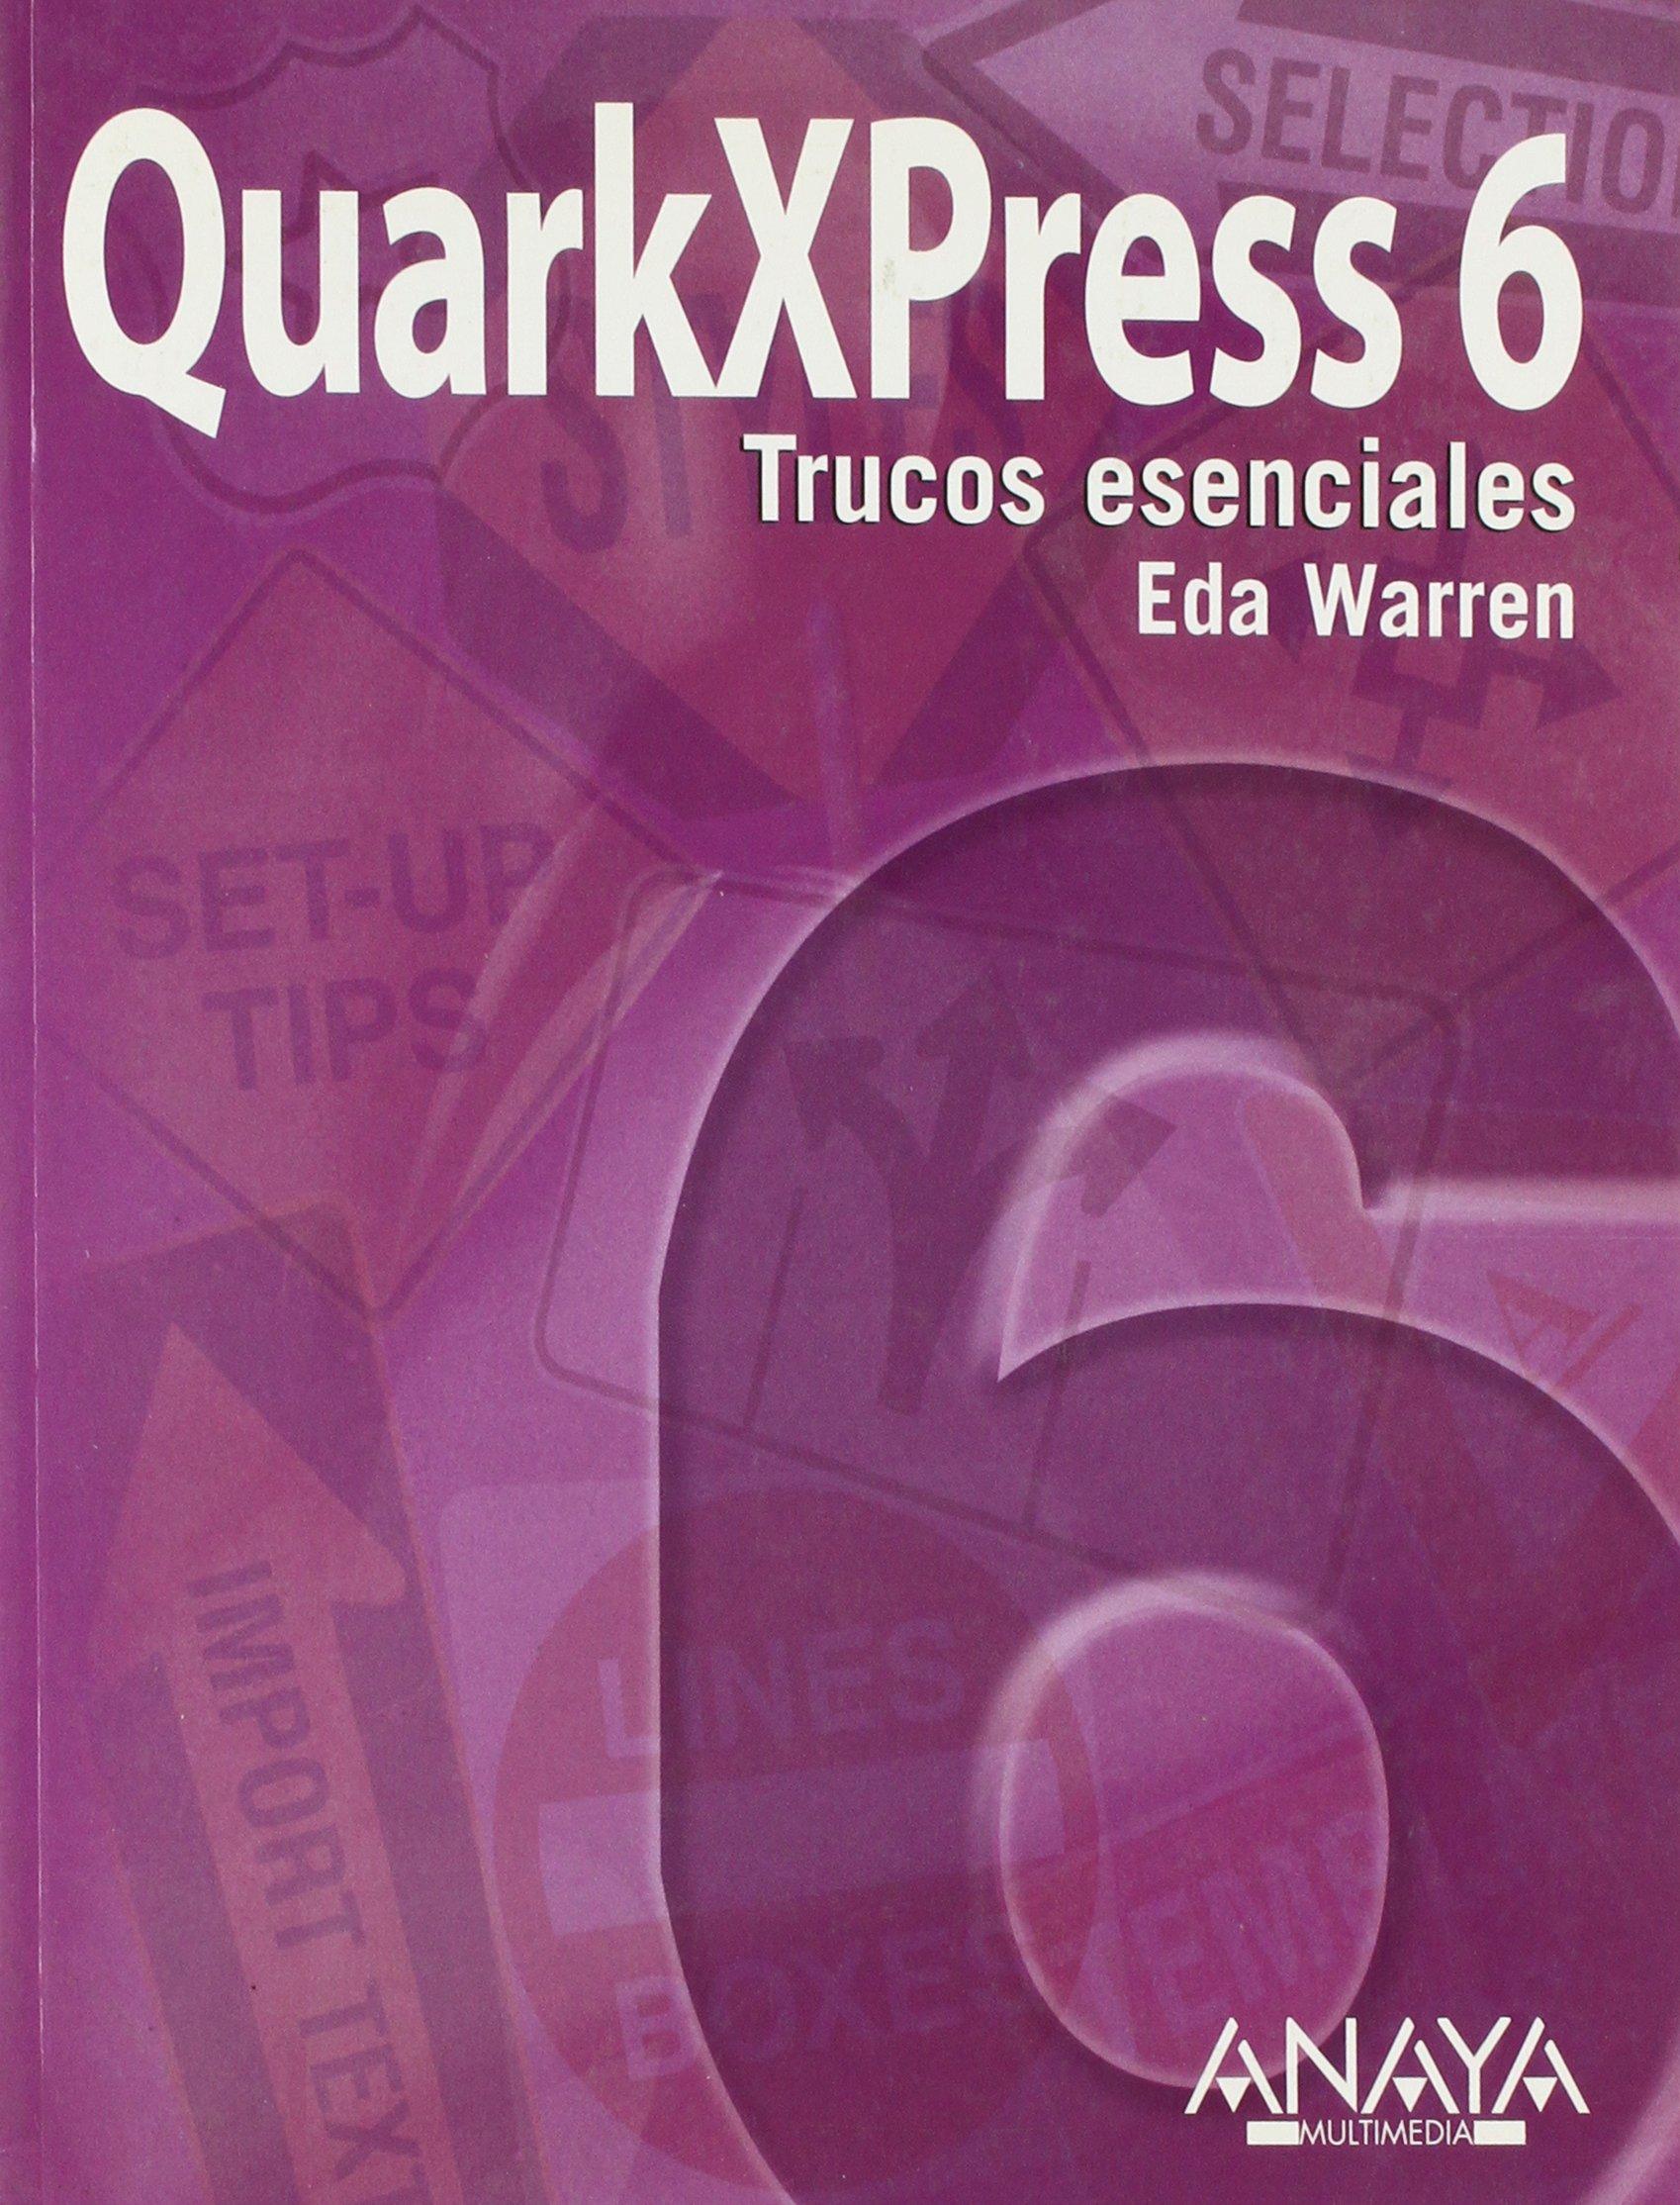 Read Online Quarkxpress 6: Trucos Esenciales Version Dual/essential Tricks Dual Version (Spanish Edition) pdf epub